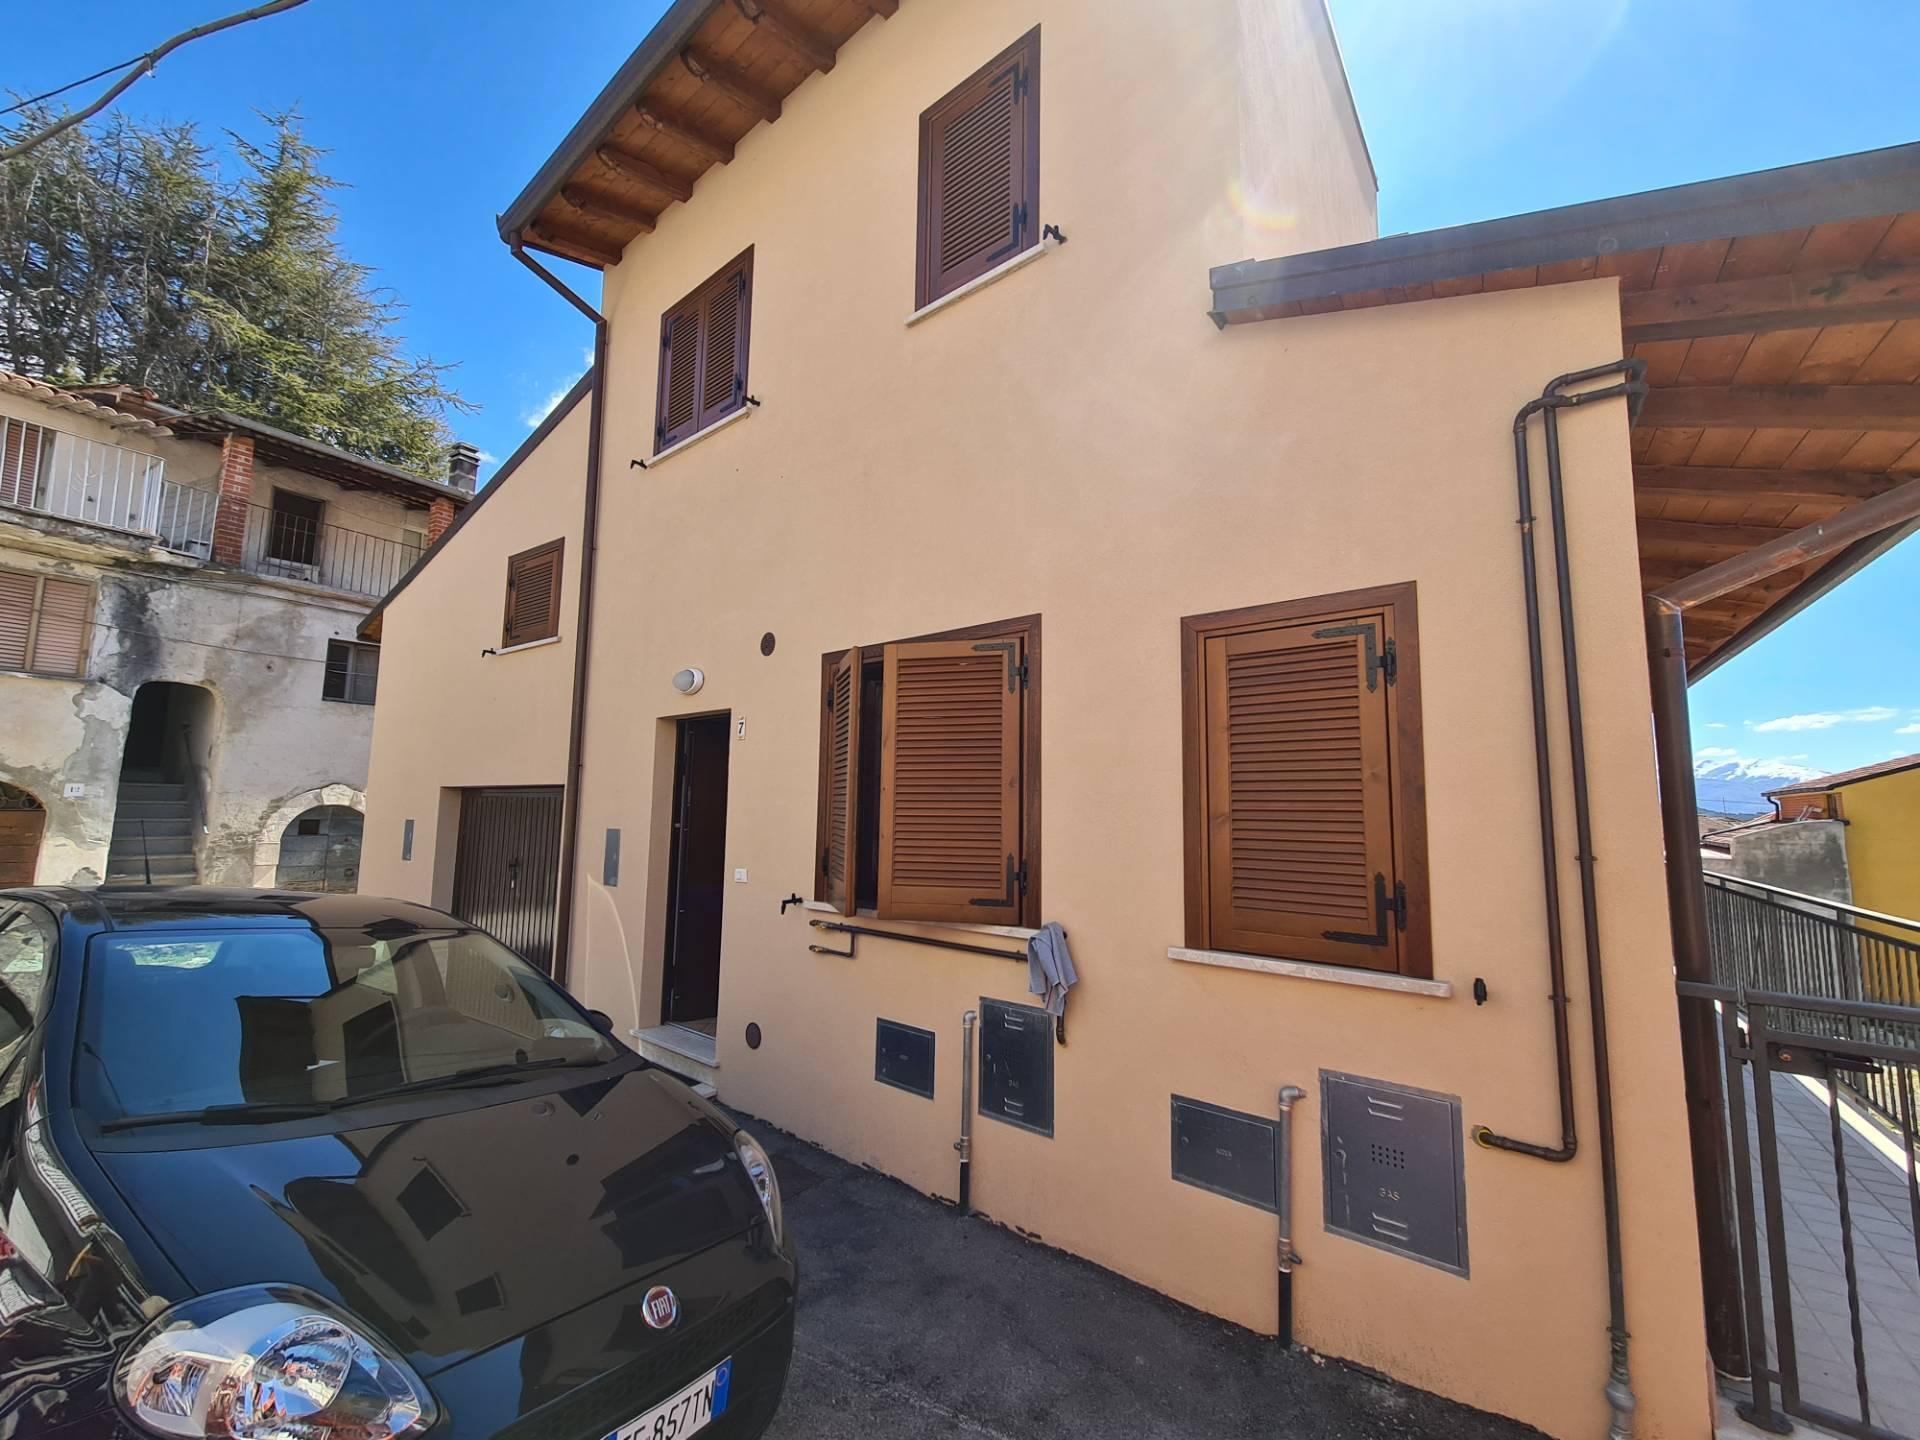 Soluzione Indipendente in affitto a Pizzoli, 2 locali, prezzo € 44.000 | CambioCasa.it